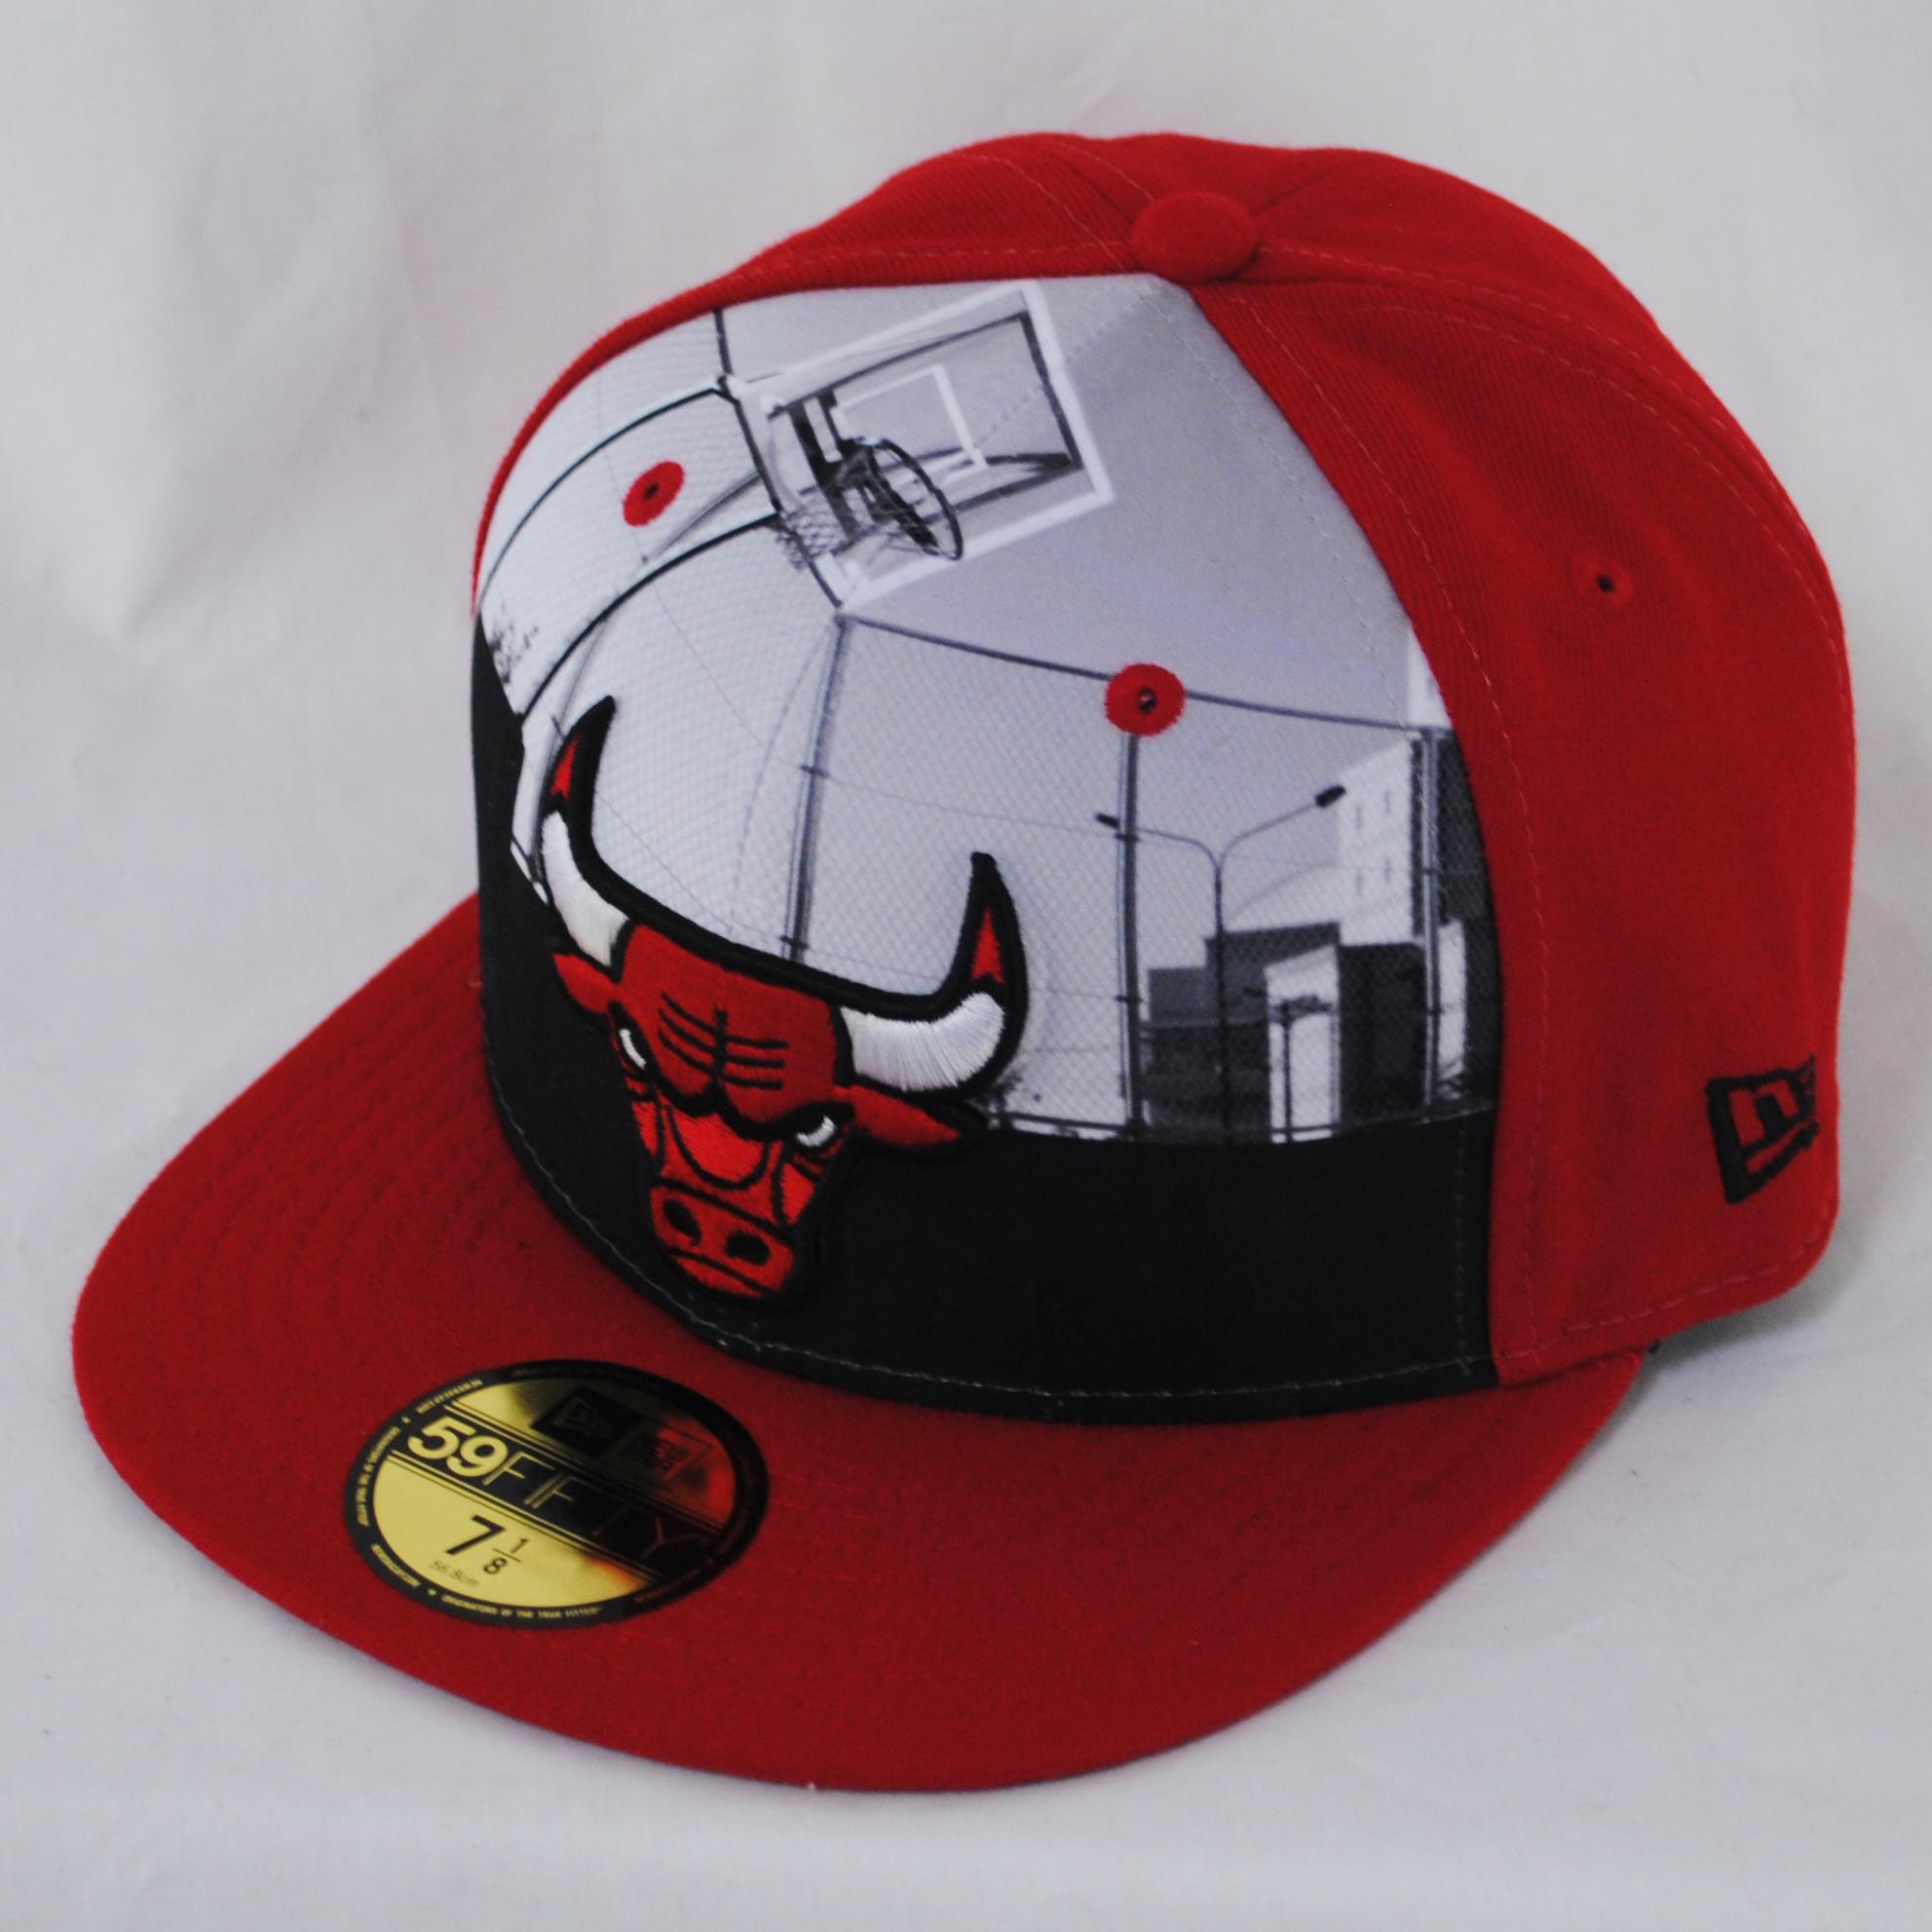 Chicago Bulls Gorras Planas Originales ropaonlinebaratas.es 5ba414c9466